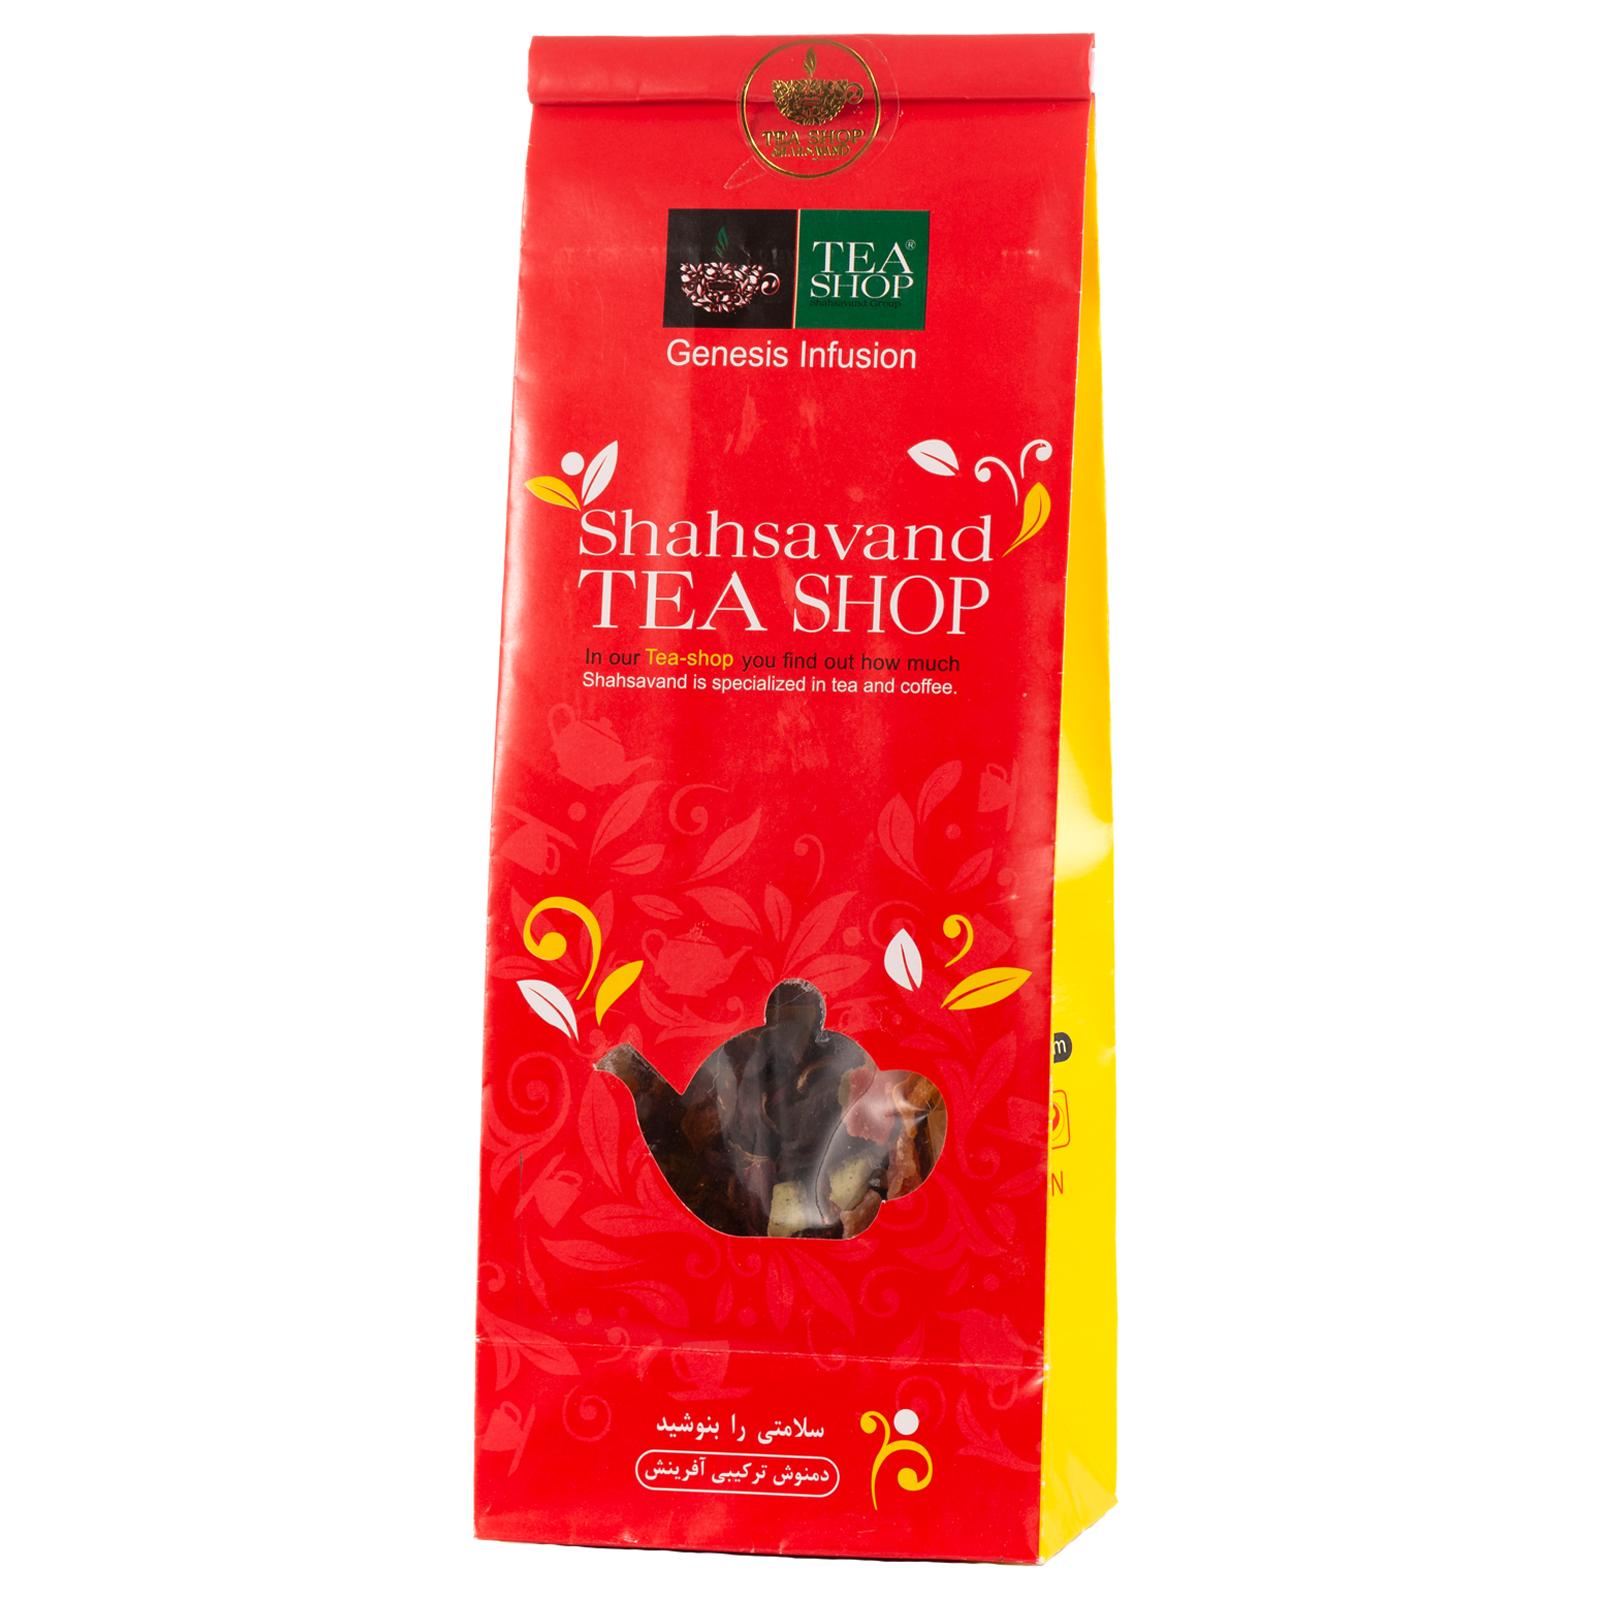 دمنوش مخلوط گیاهی آفرینش تی شاپ حاوی چای ترش و میوه های استوایی - بسته 100 گرم